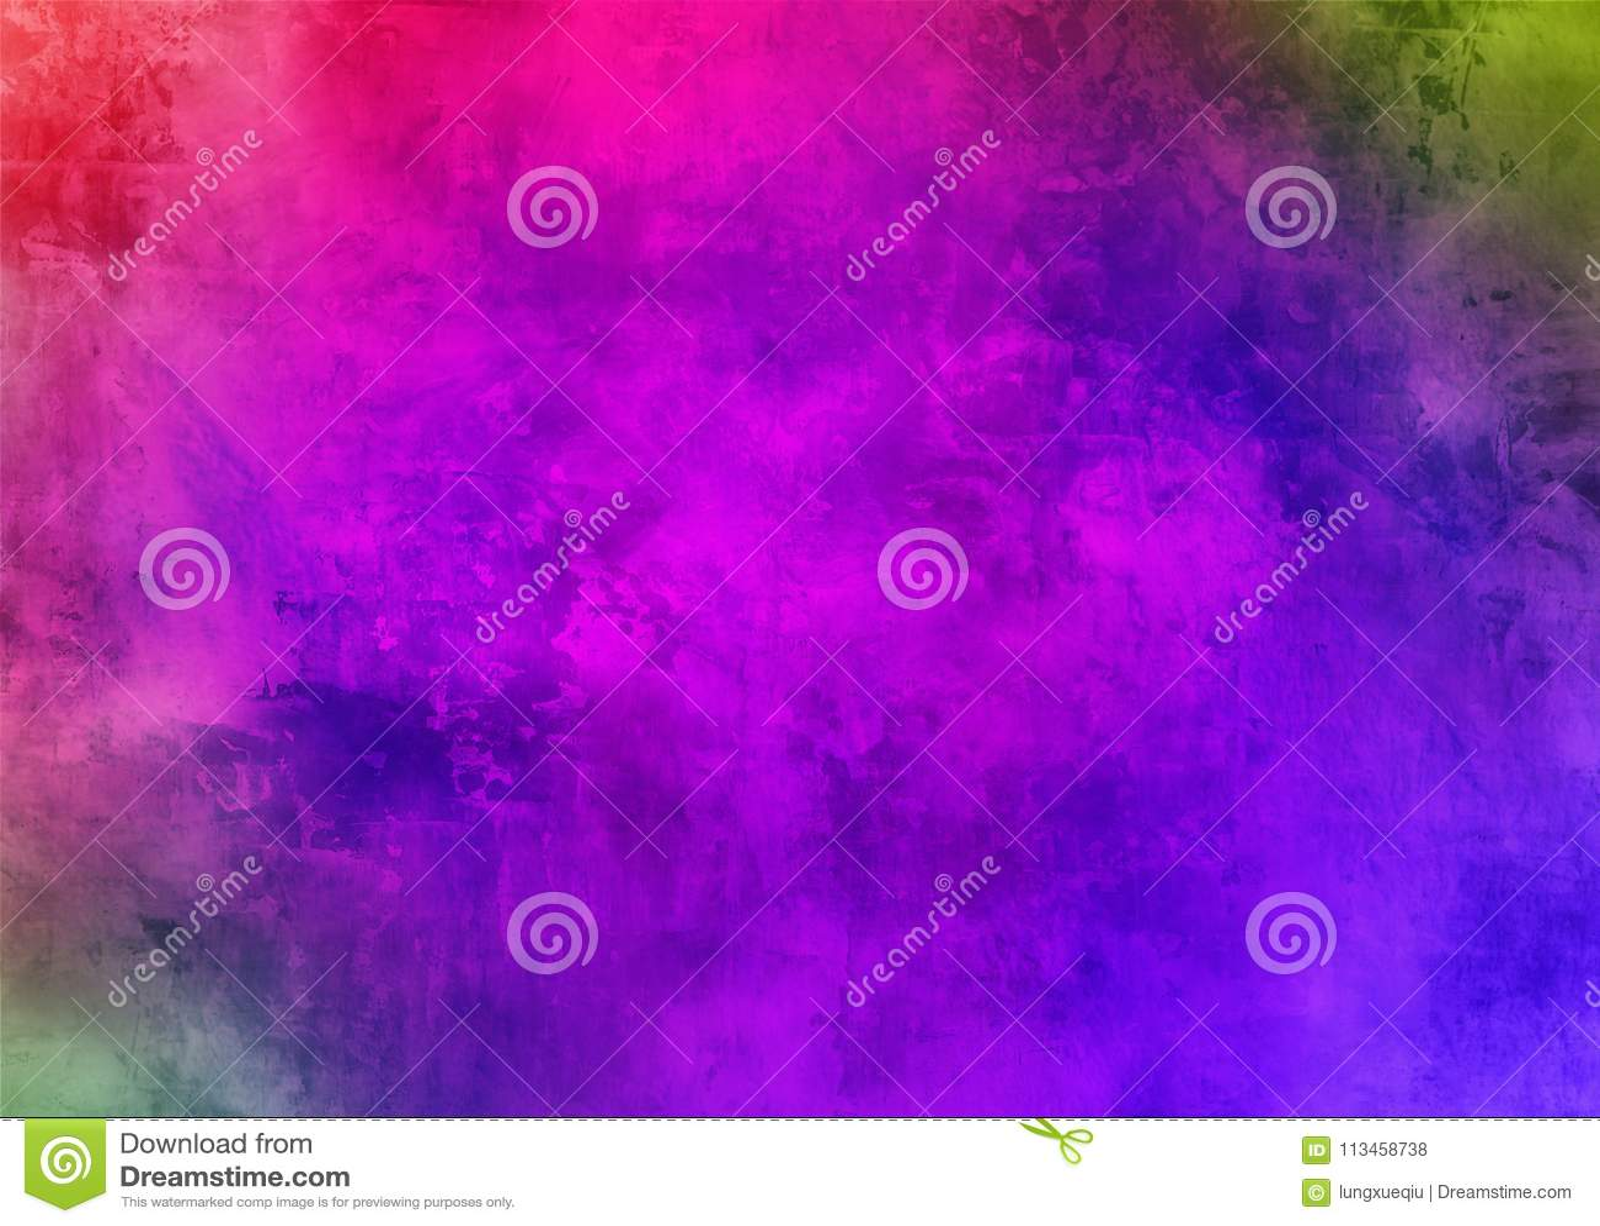 Papel de parede roxo escuro do fundo de Smokey Abstract Pattern Texture Beautiful da poeira de Violet Mystic Old Distorted Grunge